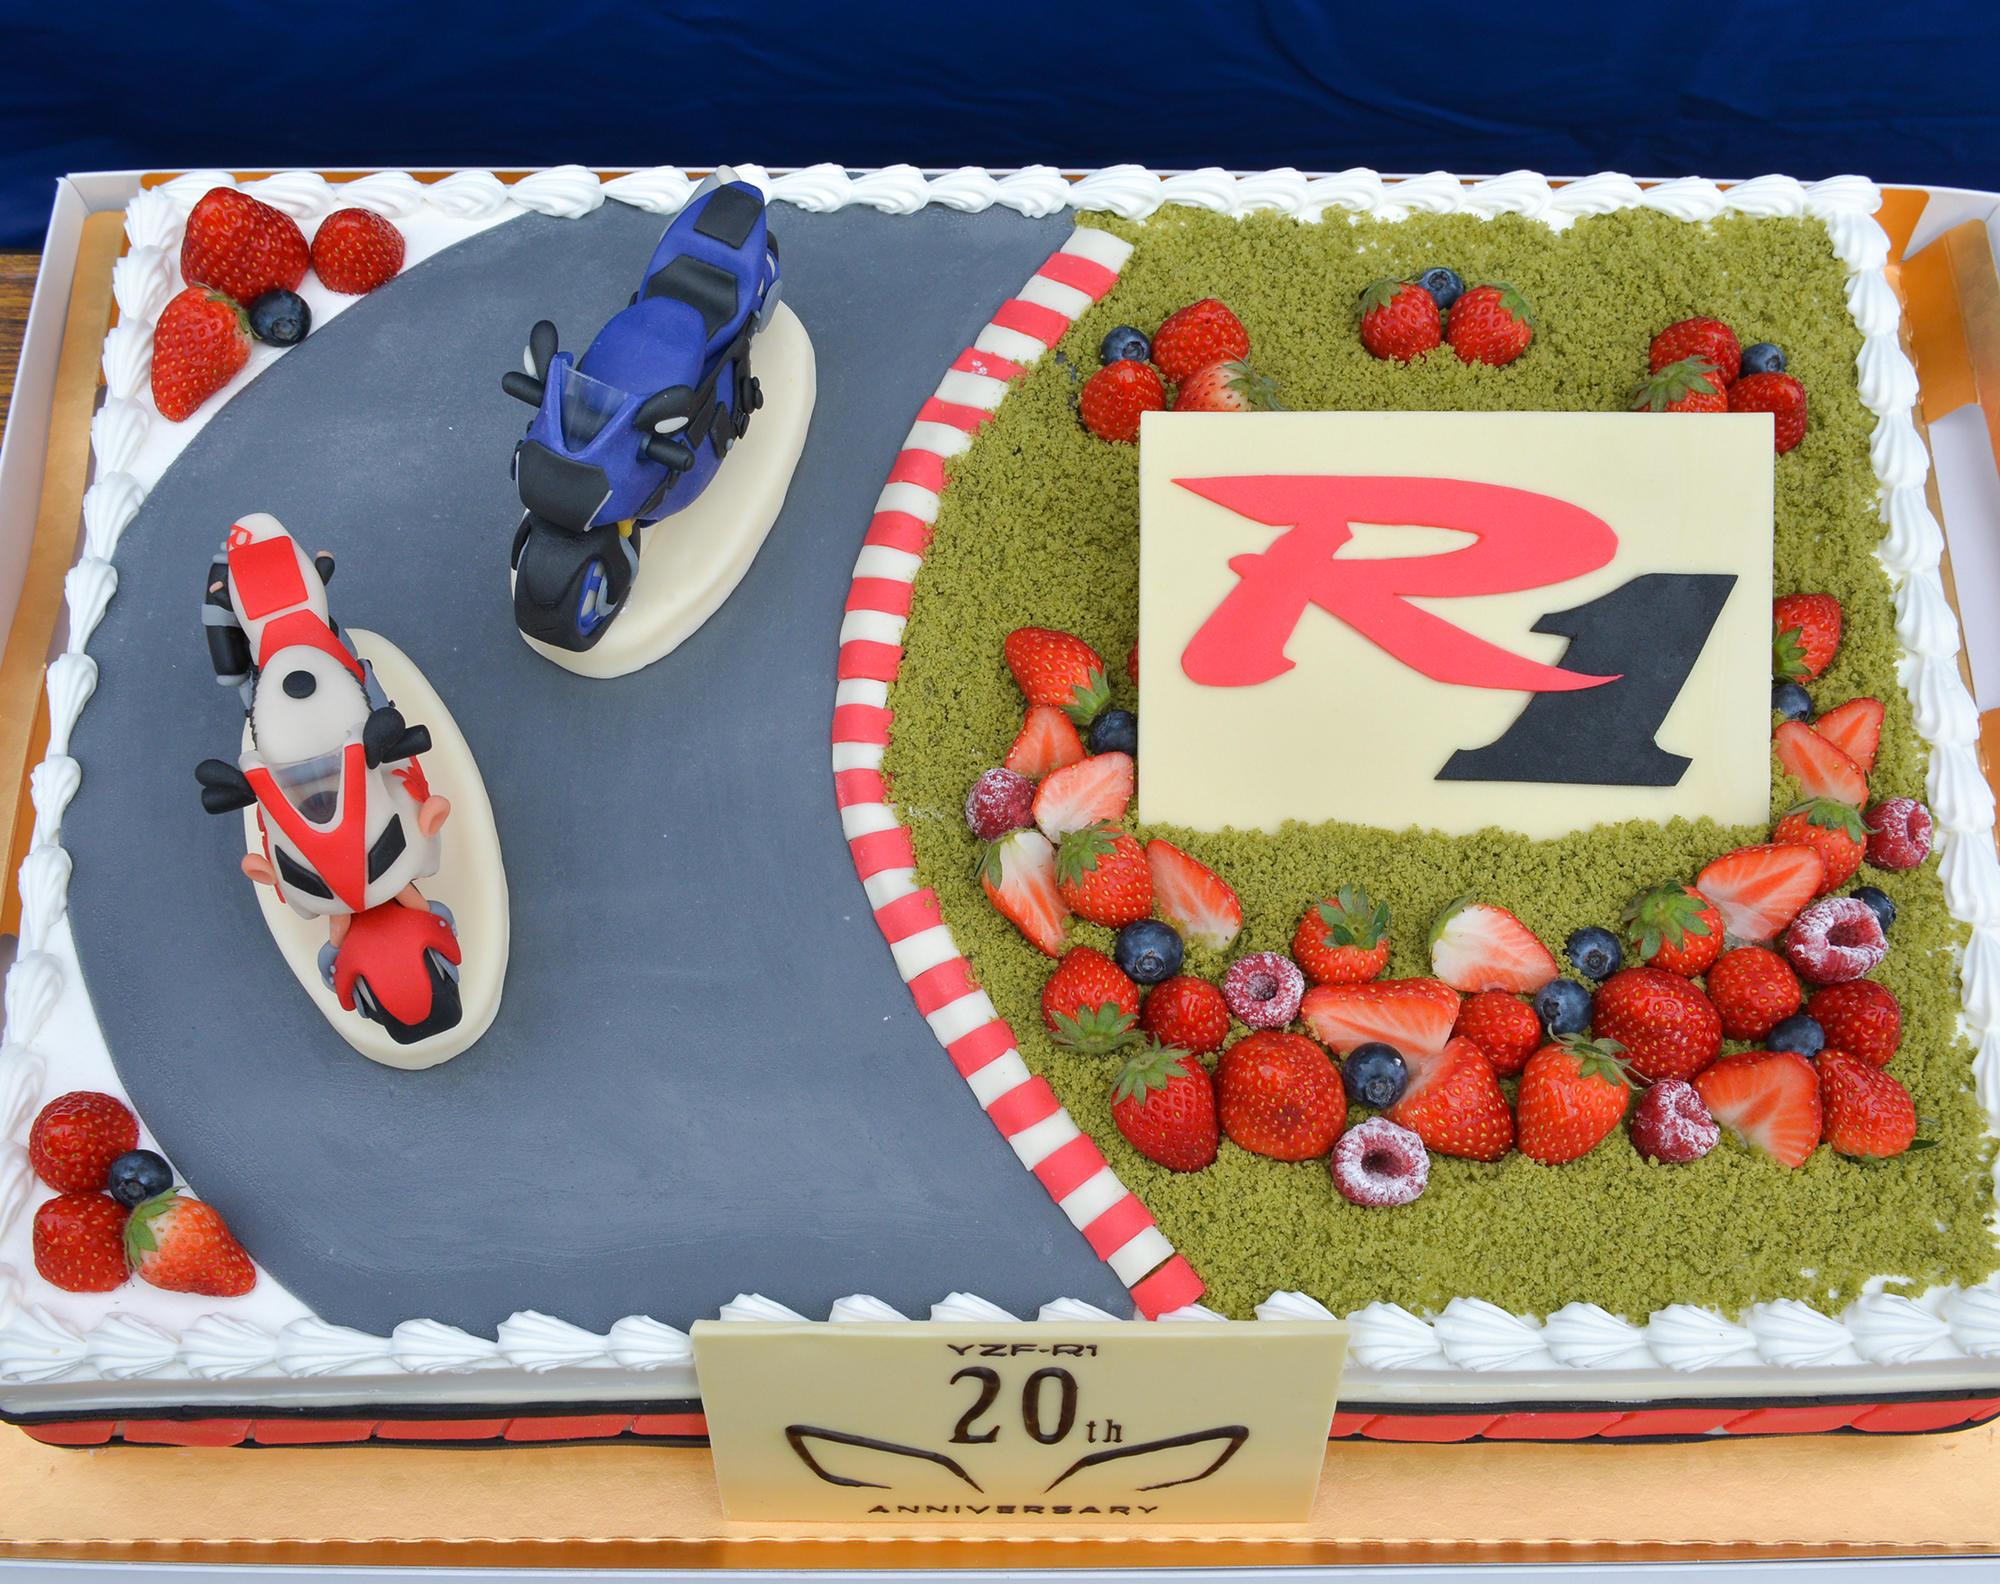 800人のファンのみなさんとYZF-R1誕生20周年を祝福。おいし〜くて楽しい♫ YZF-Rオーナーズミーティング開催レポ(その3:ステージ)